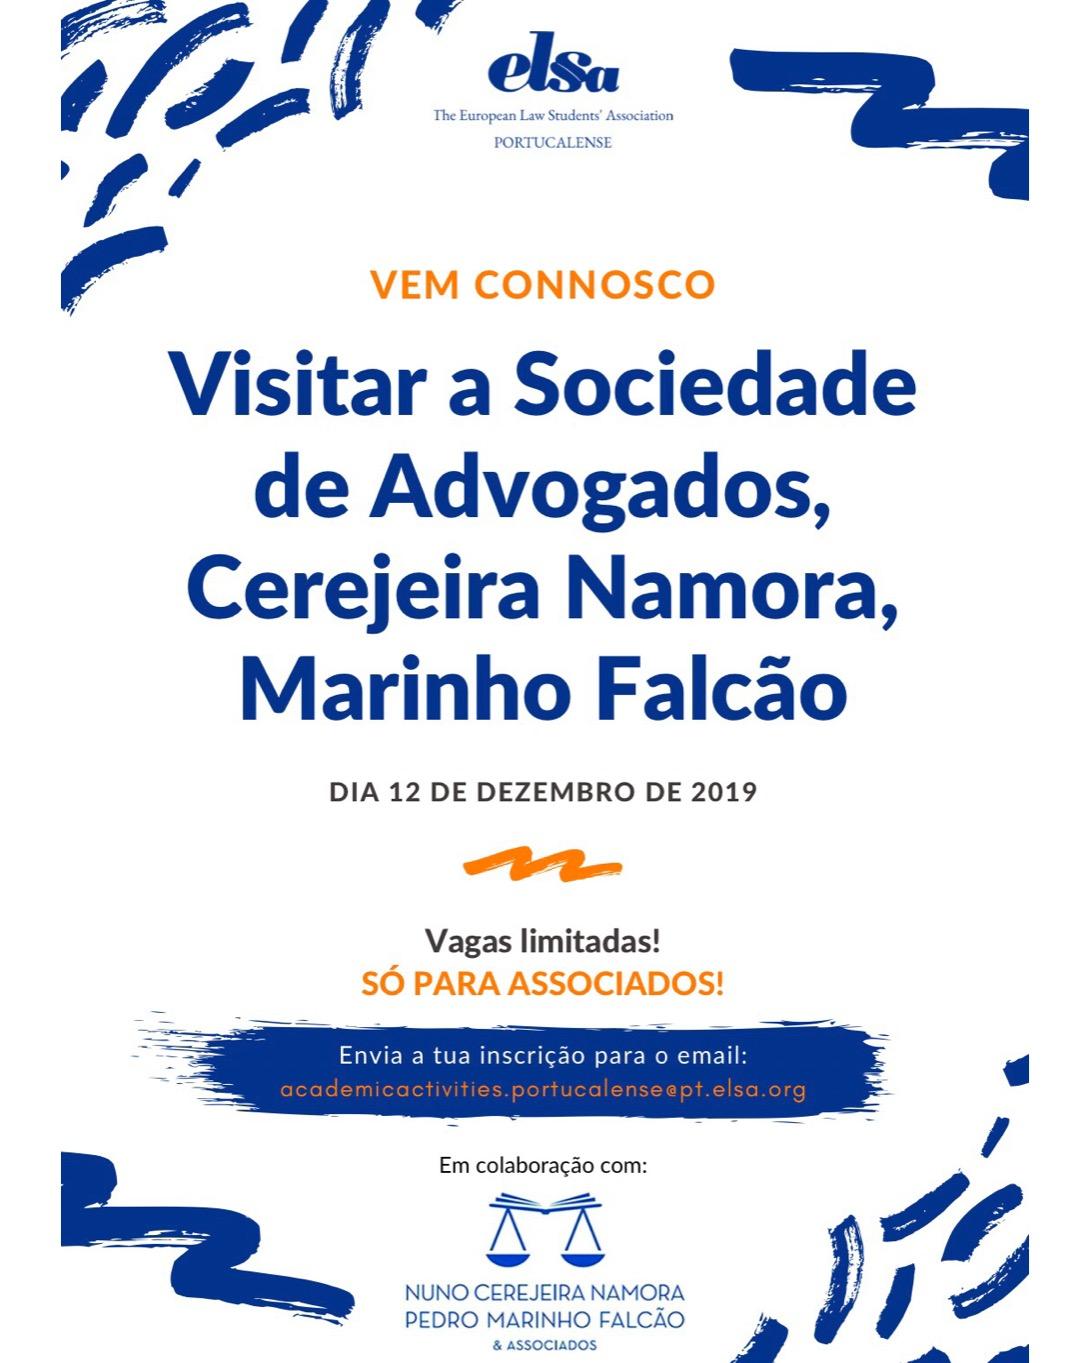 Visita à Sociedade de Advogados Nuno Cerejeira Namora e Pedro Marinho Falcão & Associados